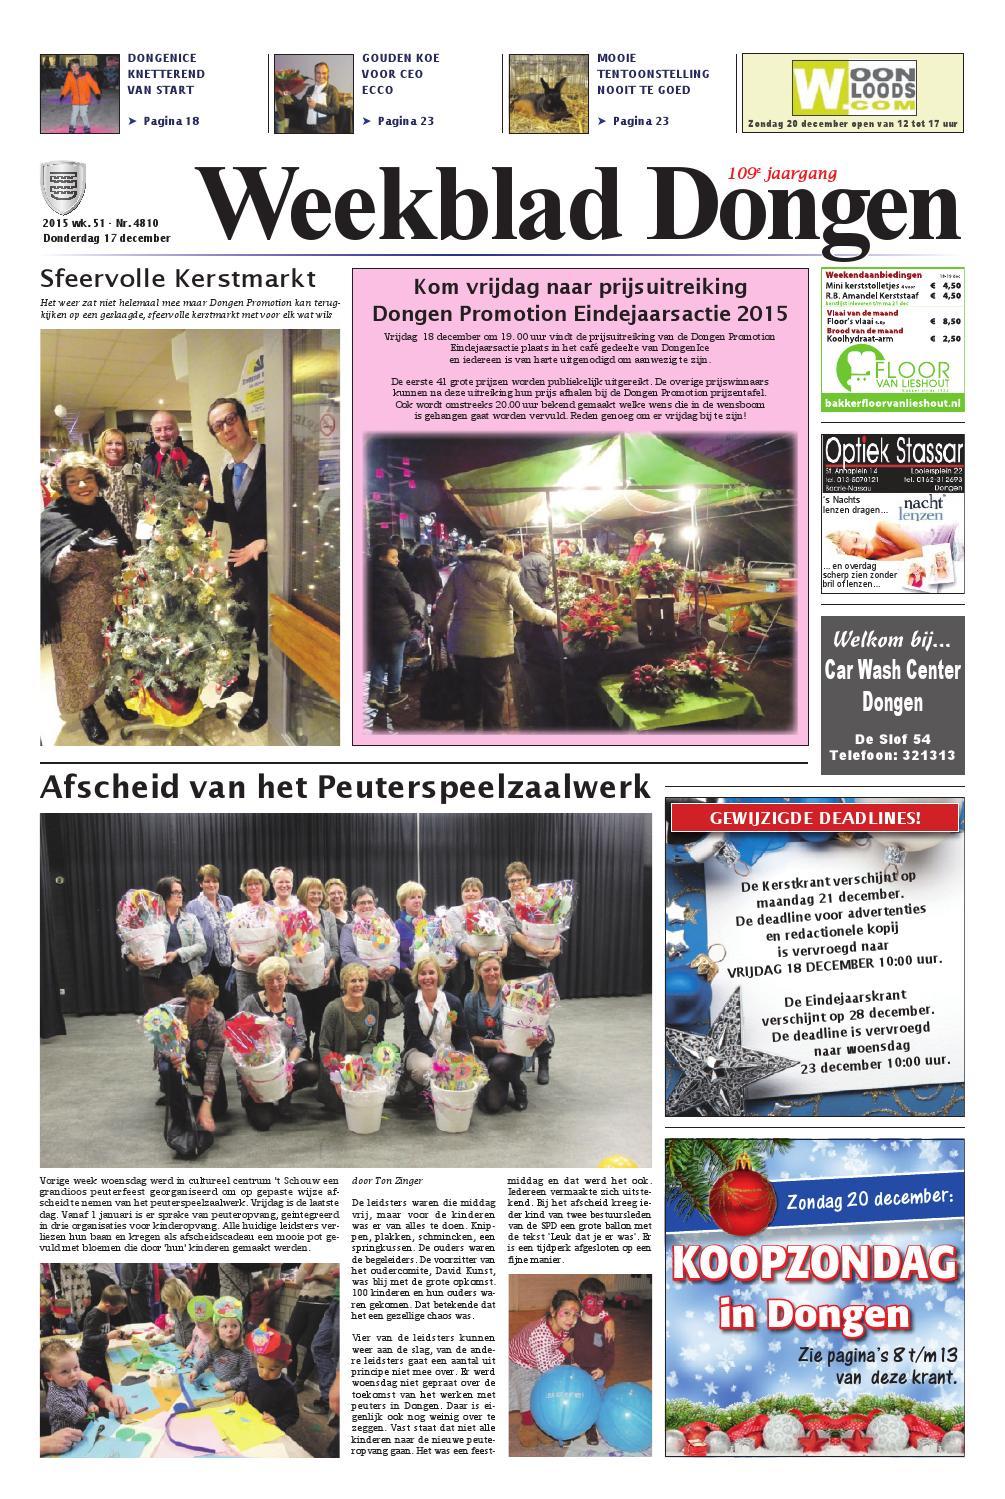 Weekblad Dongen 10-12-2015 by Uitgeverij Em de Jong - issuu